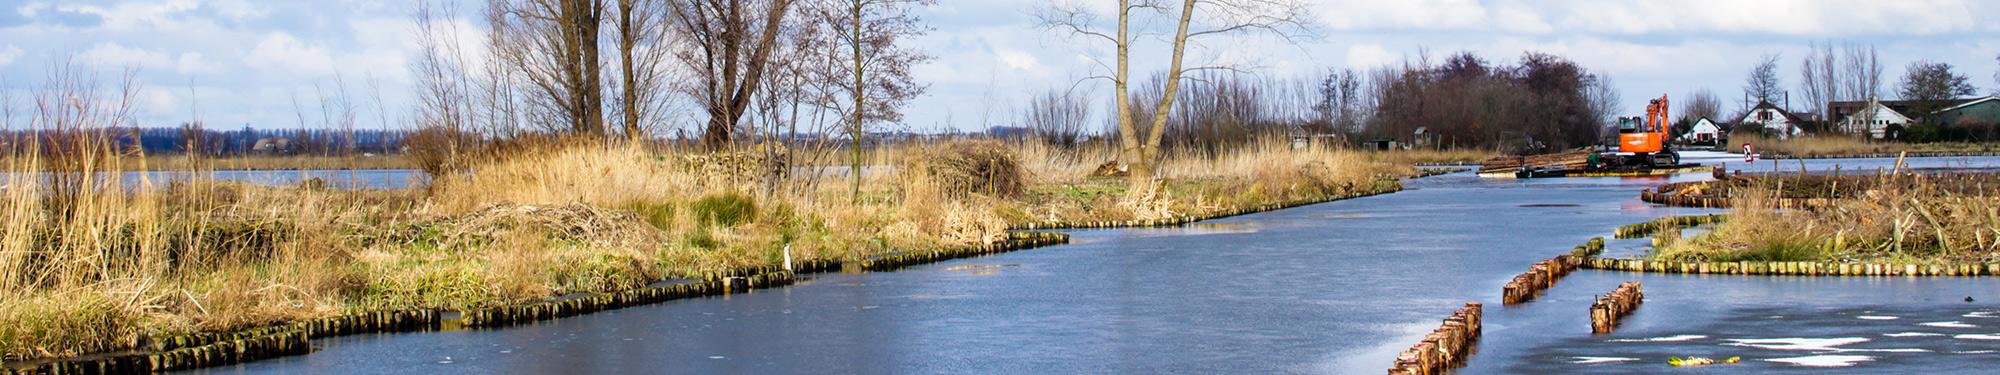 reeuwijk_header_16x3_2000br